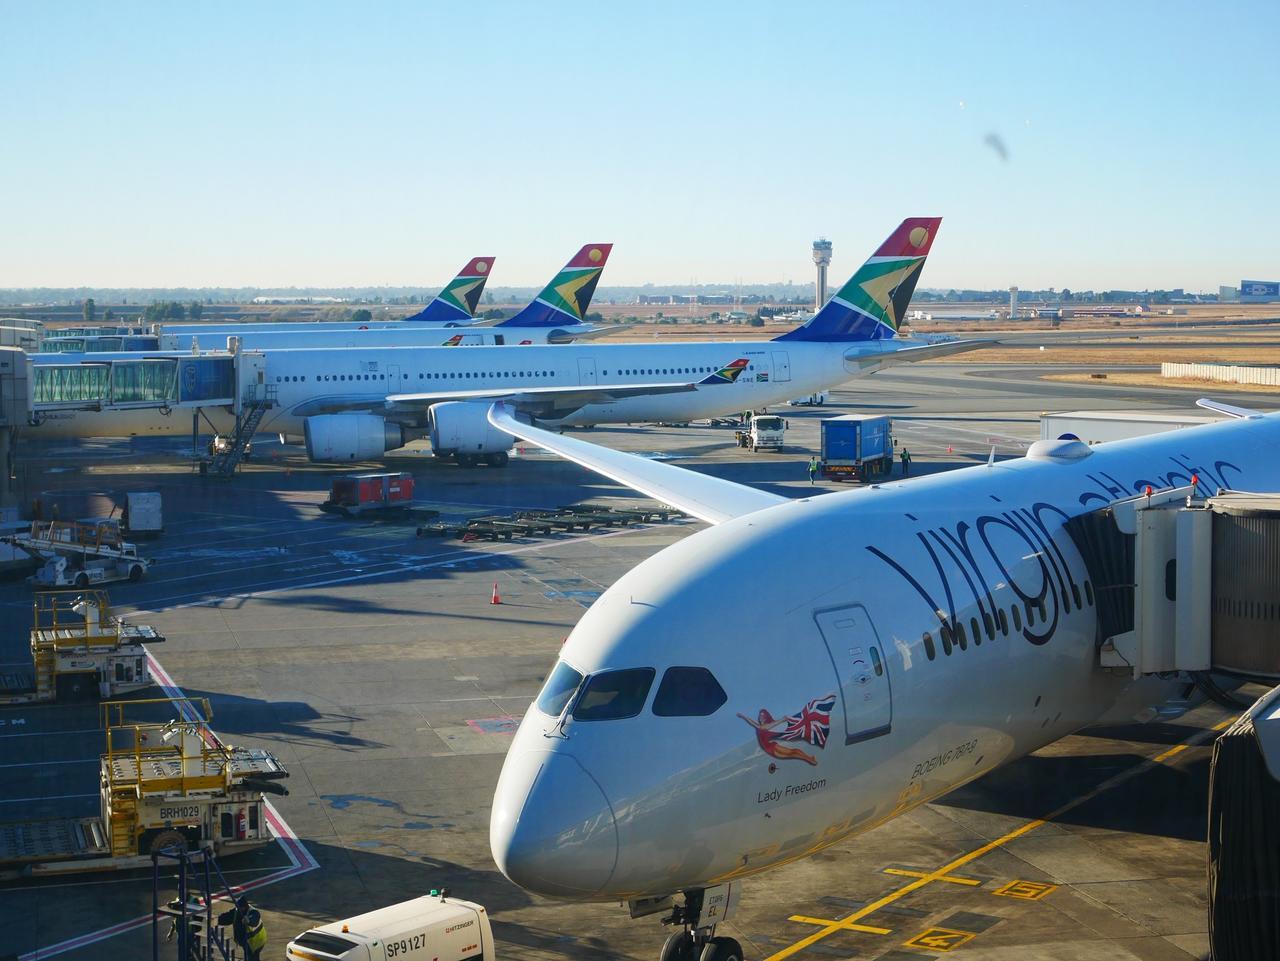 画像: 南アフリカ航空(撮影者担当)